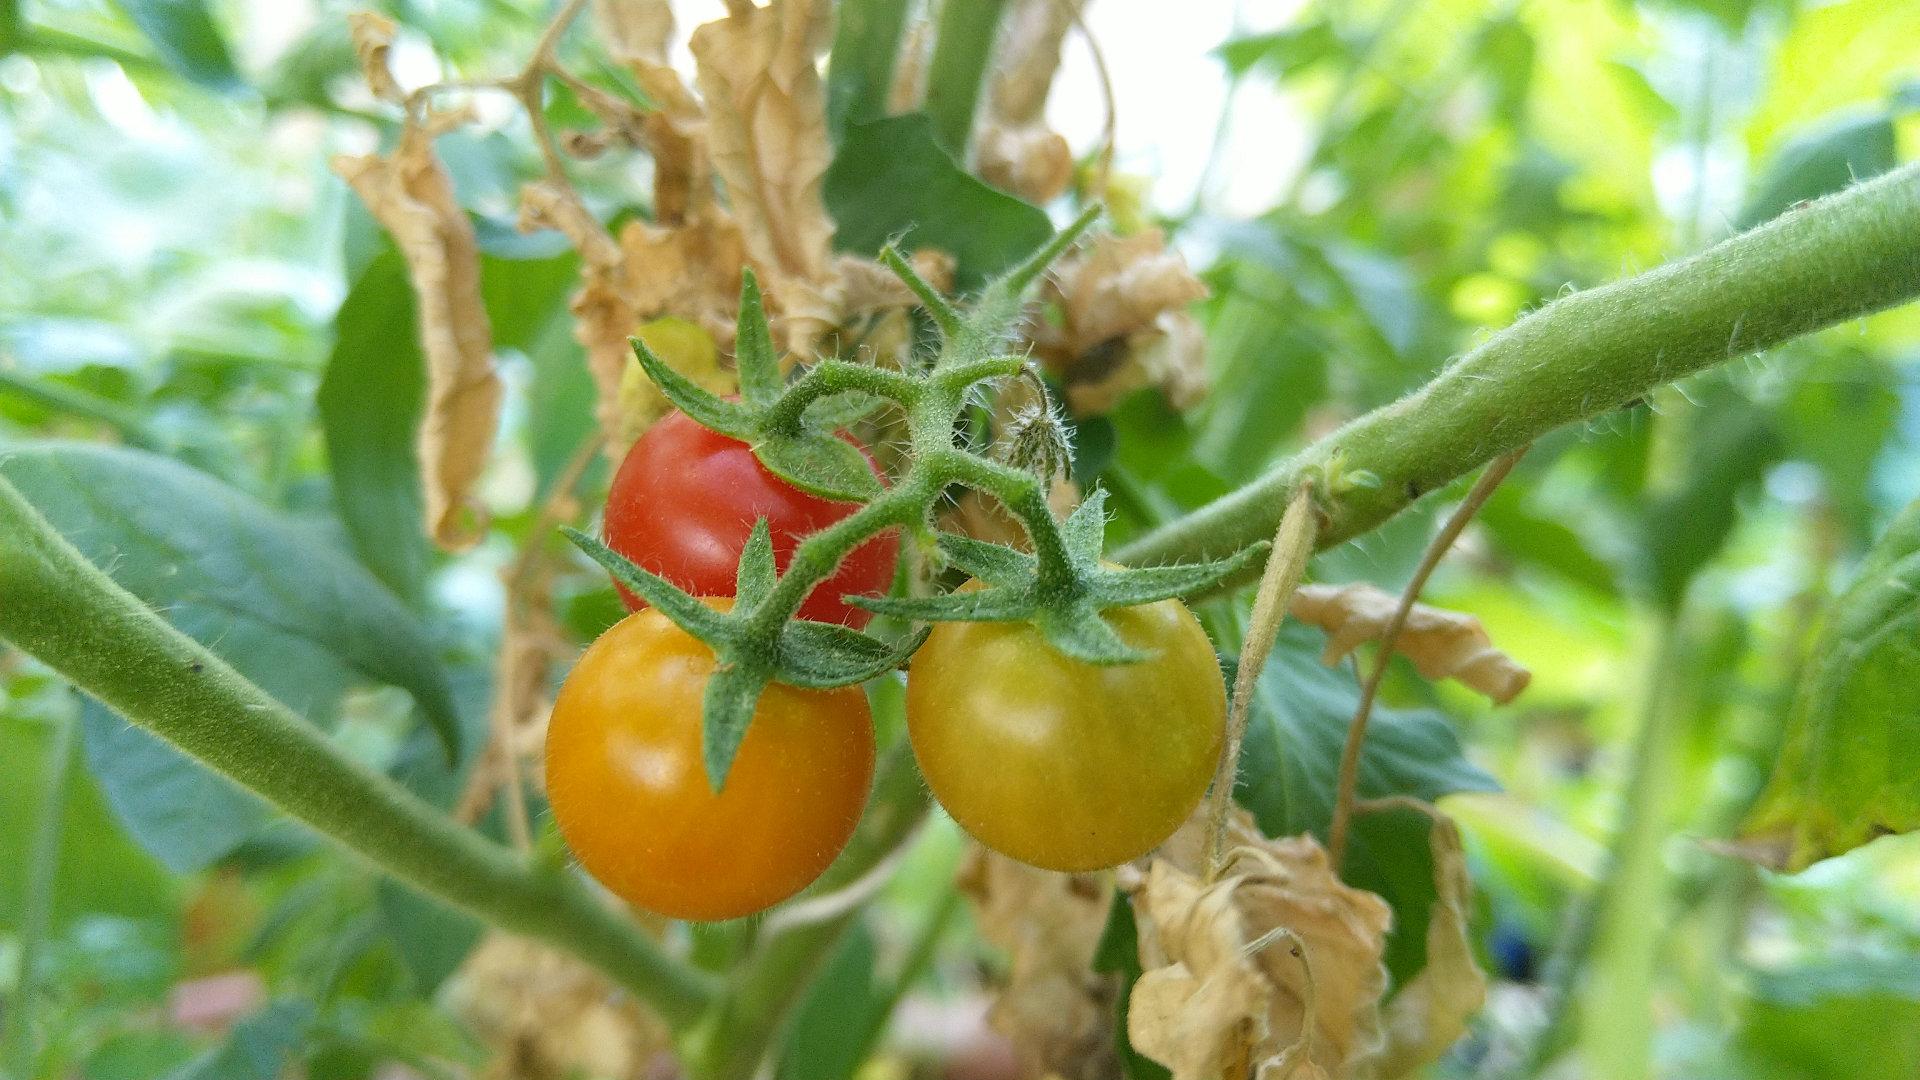 comment-bien-cueillir-tomate-permaculture